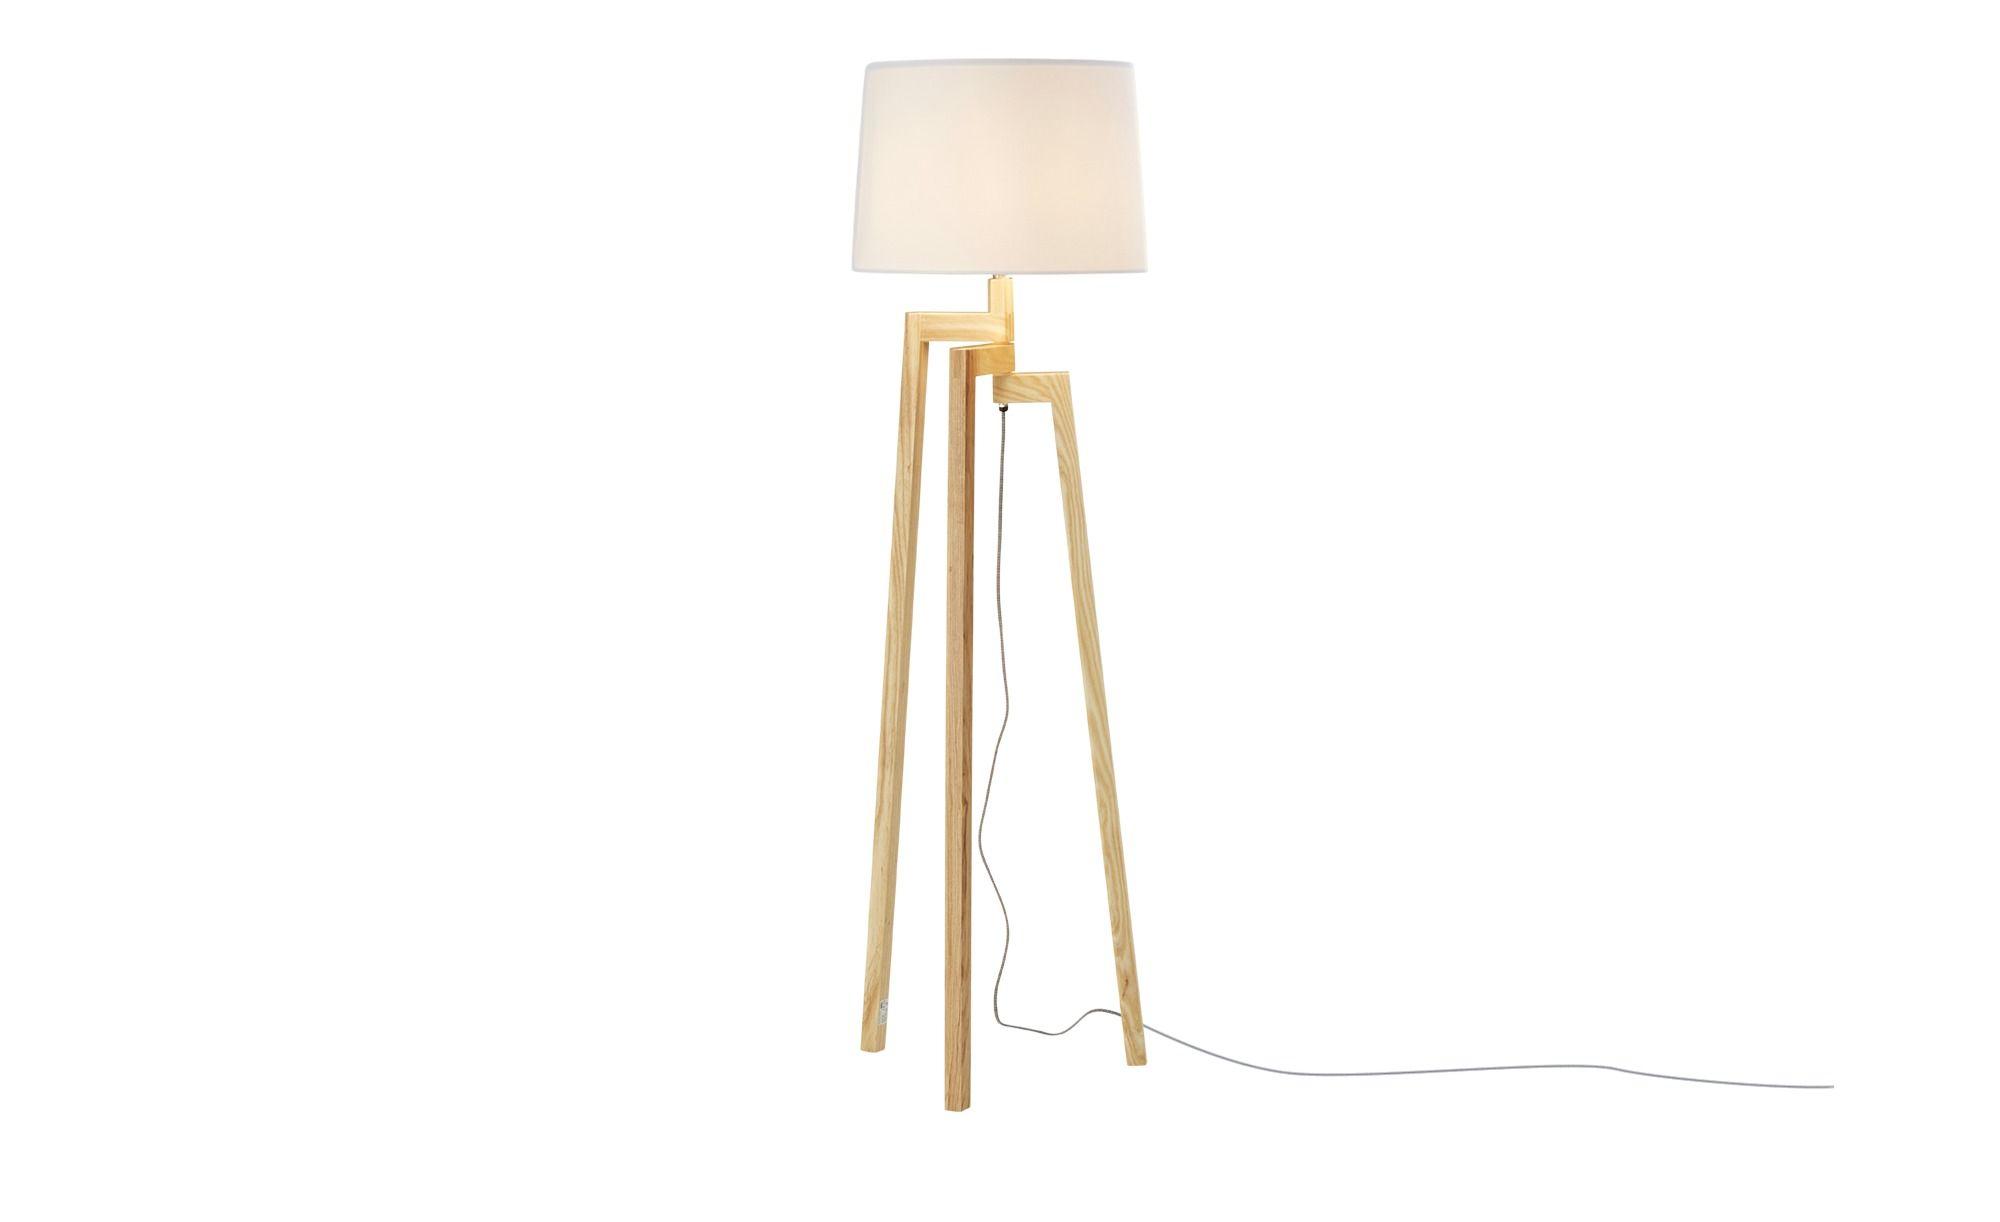 Stehlampe Five Fingers Schwarz Gold Moderne Stehlampen Weiss